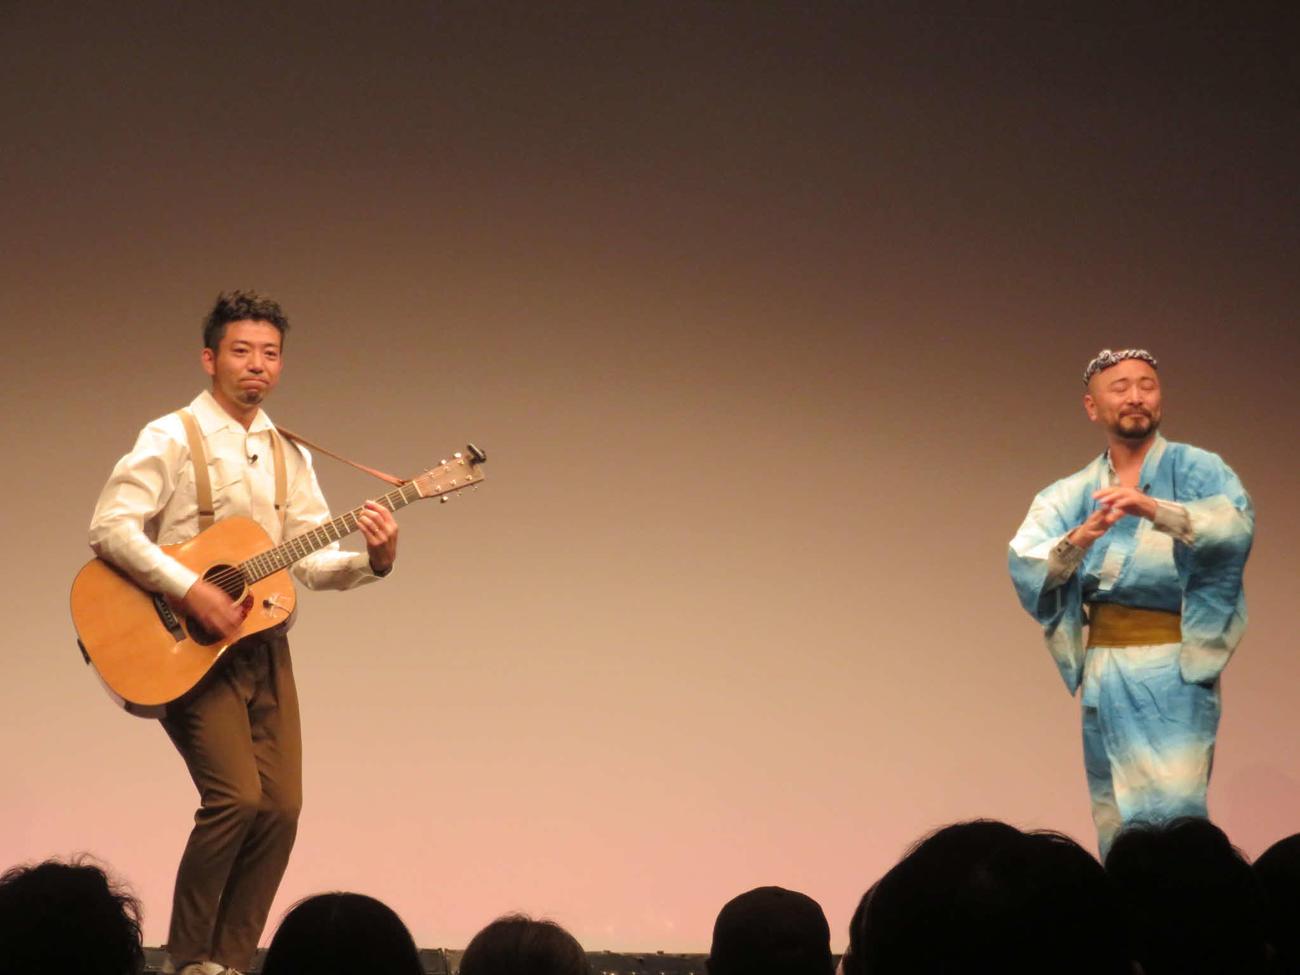 「タイタンライブ」で「イチモツ音頭」を披露するどぶろっくの森慎太郎(左)と江口直人